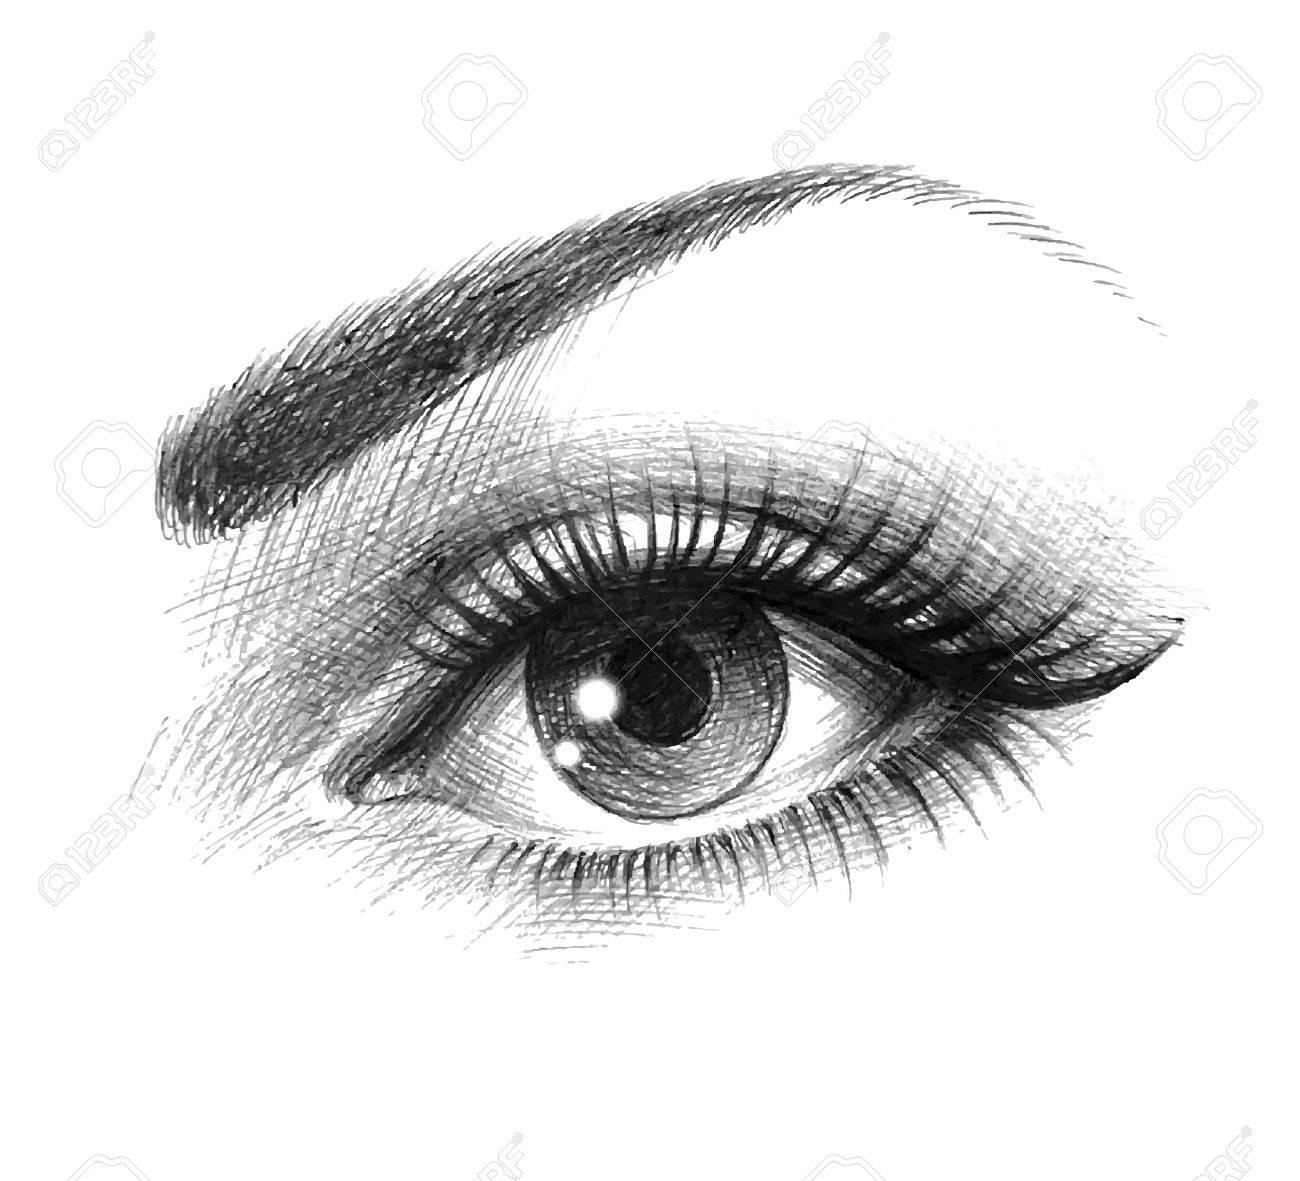 beautiful female eye - 41086822